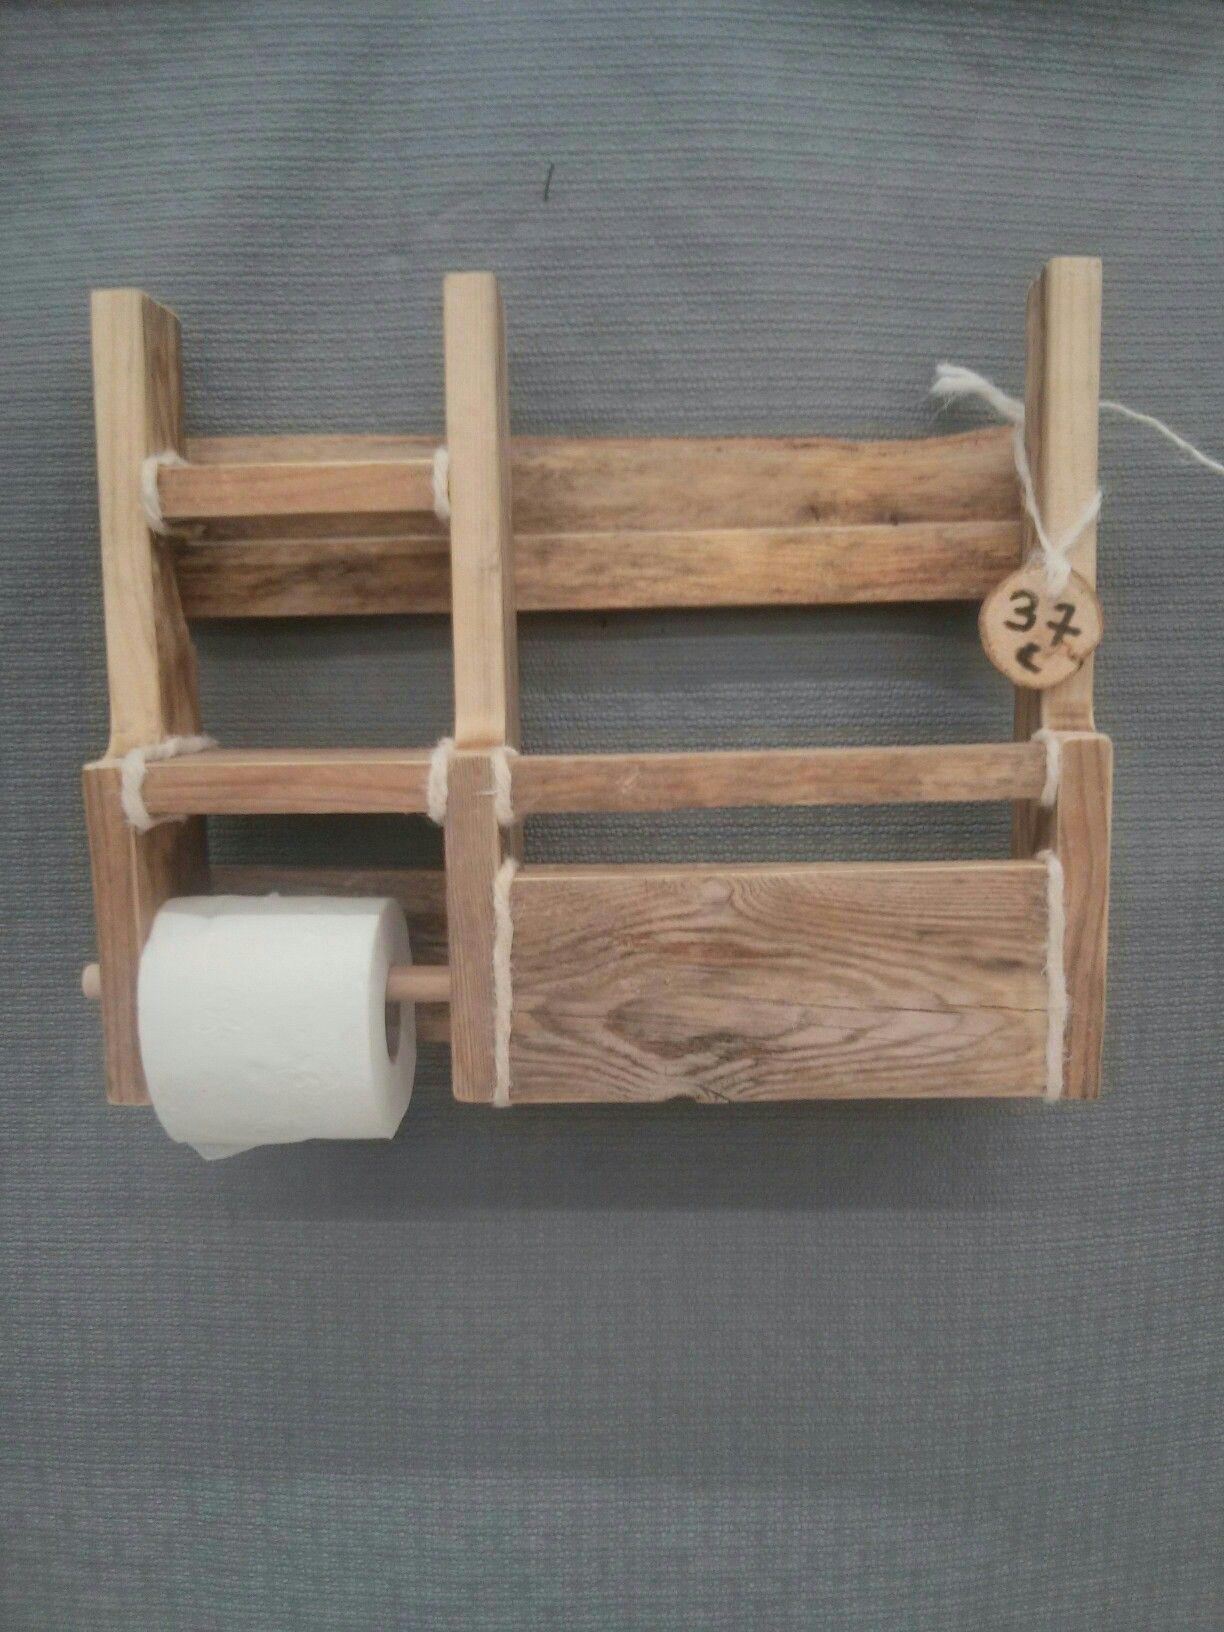 Toupalet Distributeur Papier Toilette Porte Revues Bois De